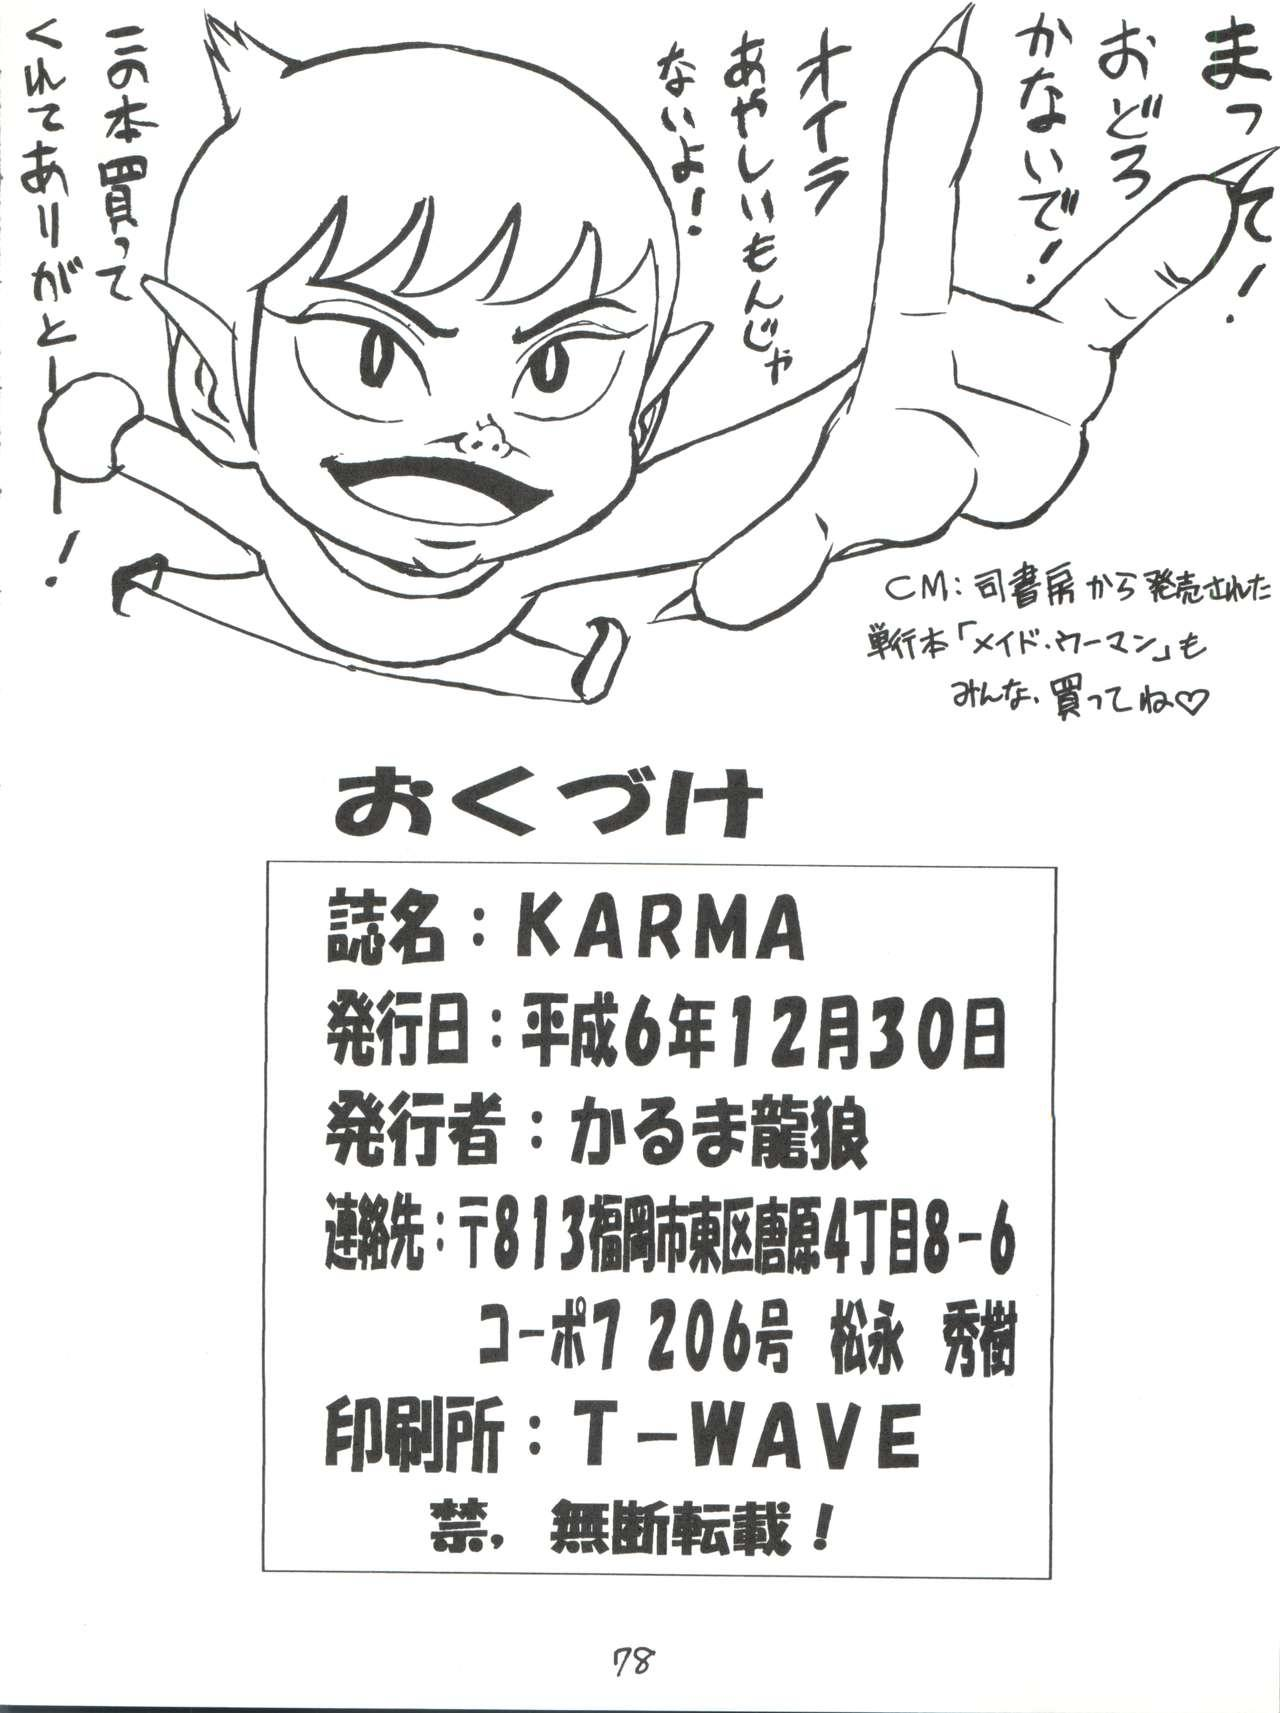 KARMA 77